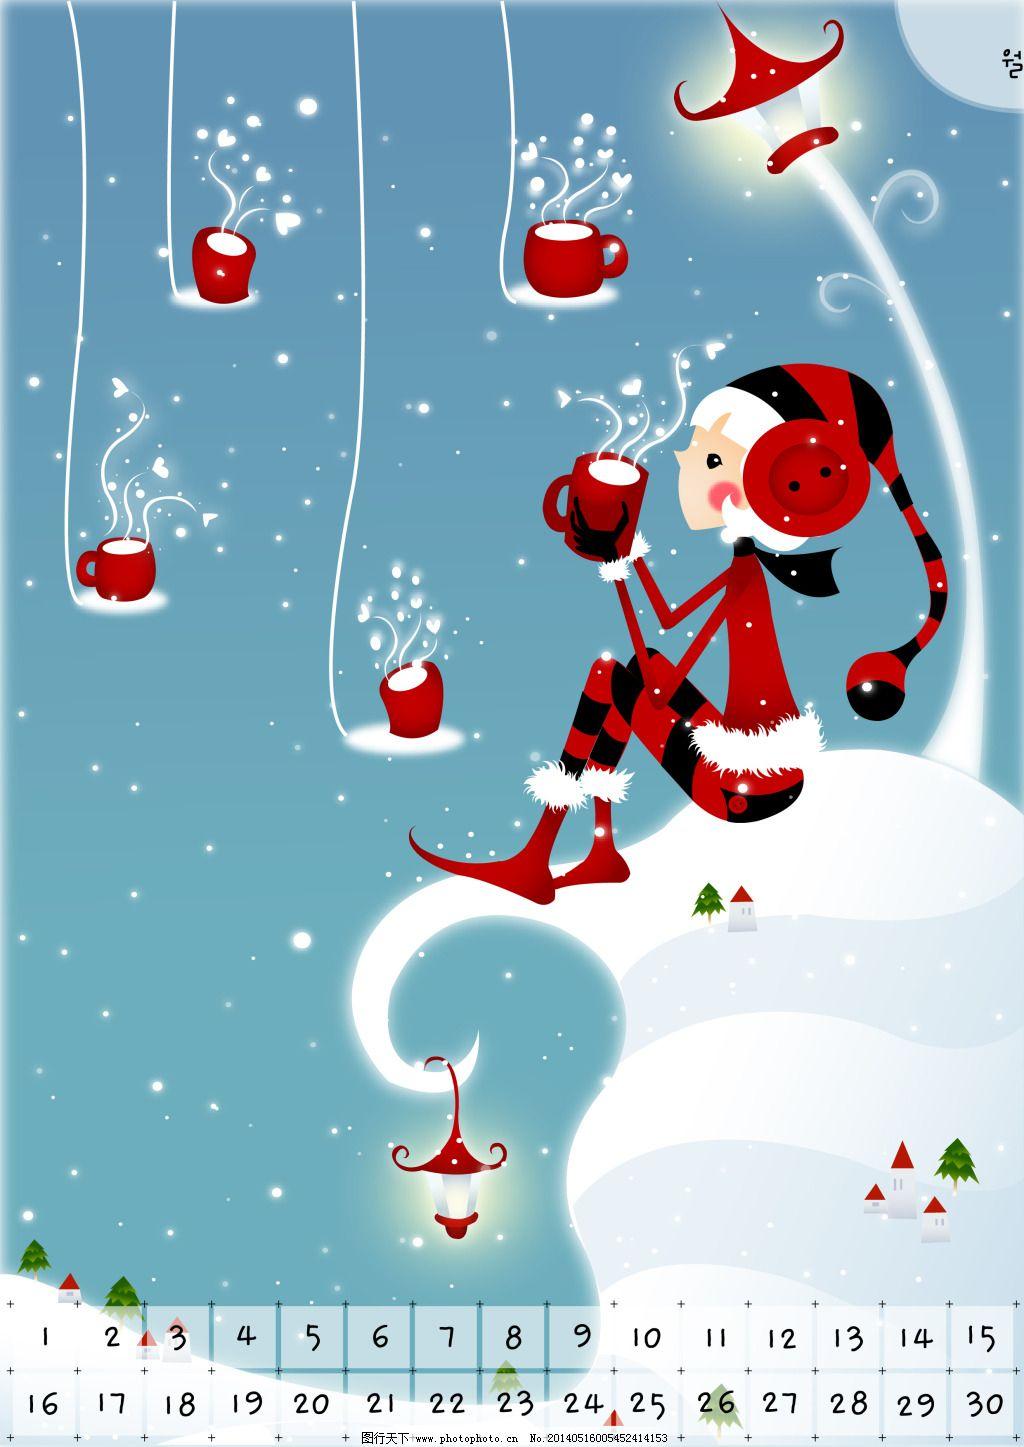 一个卡通人物喝水免费下载 杯子 喝水 卡通人物 下雪 杯子 下雪 喝水